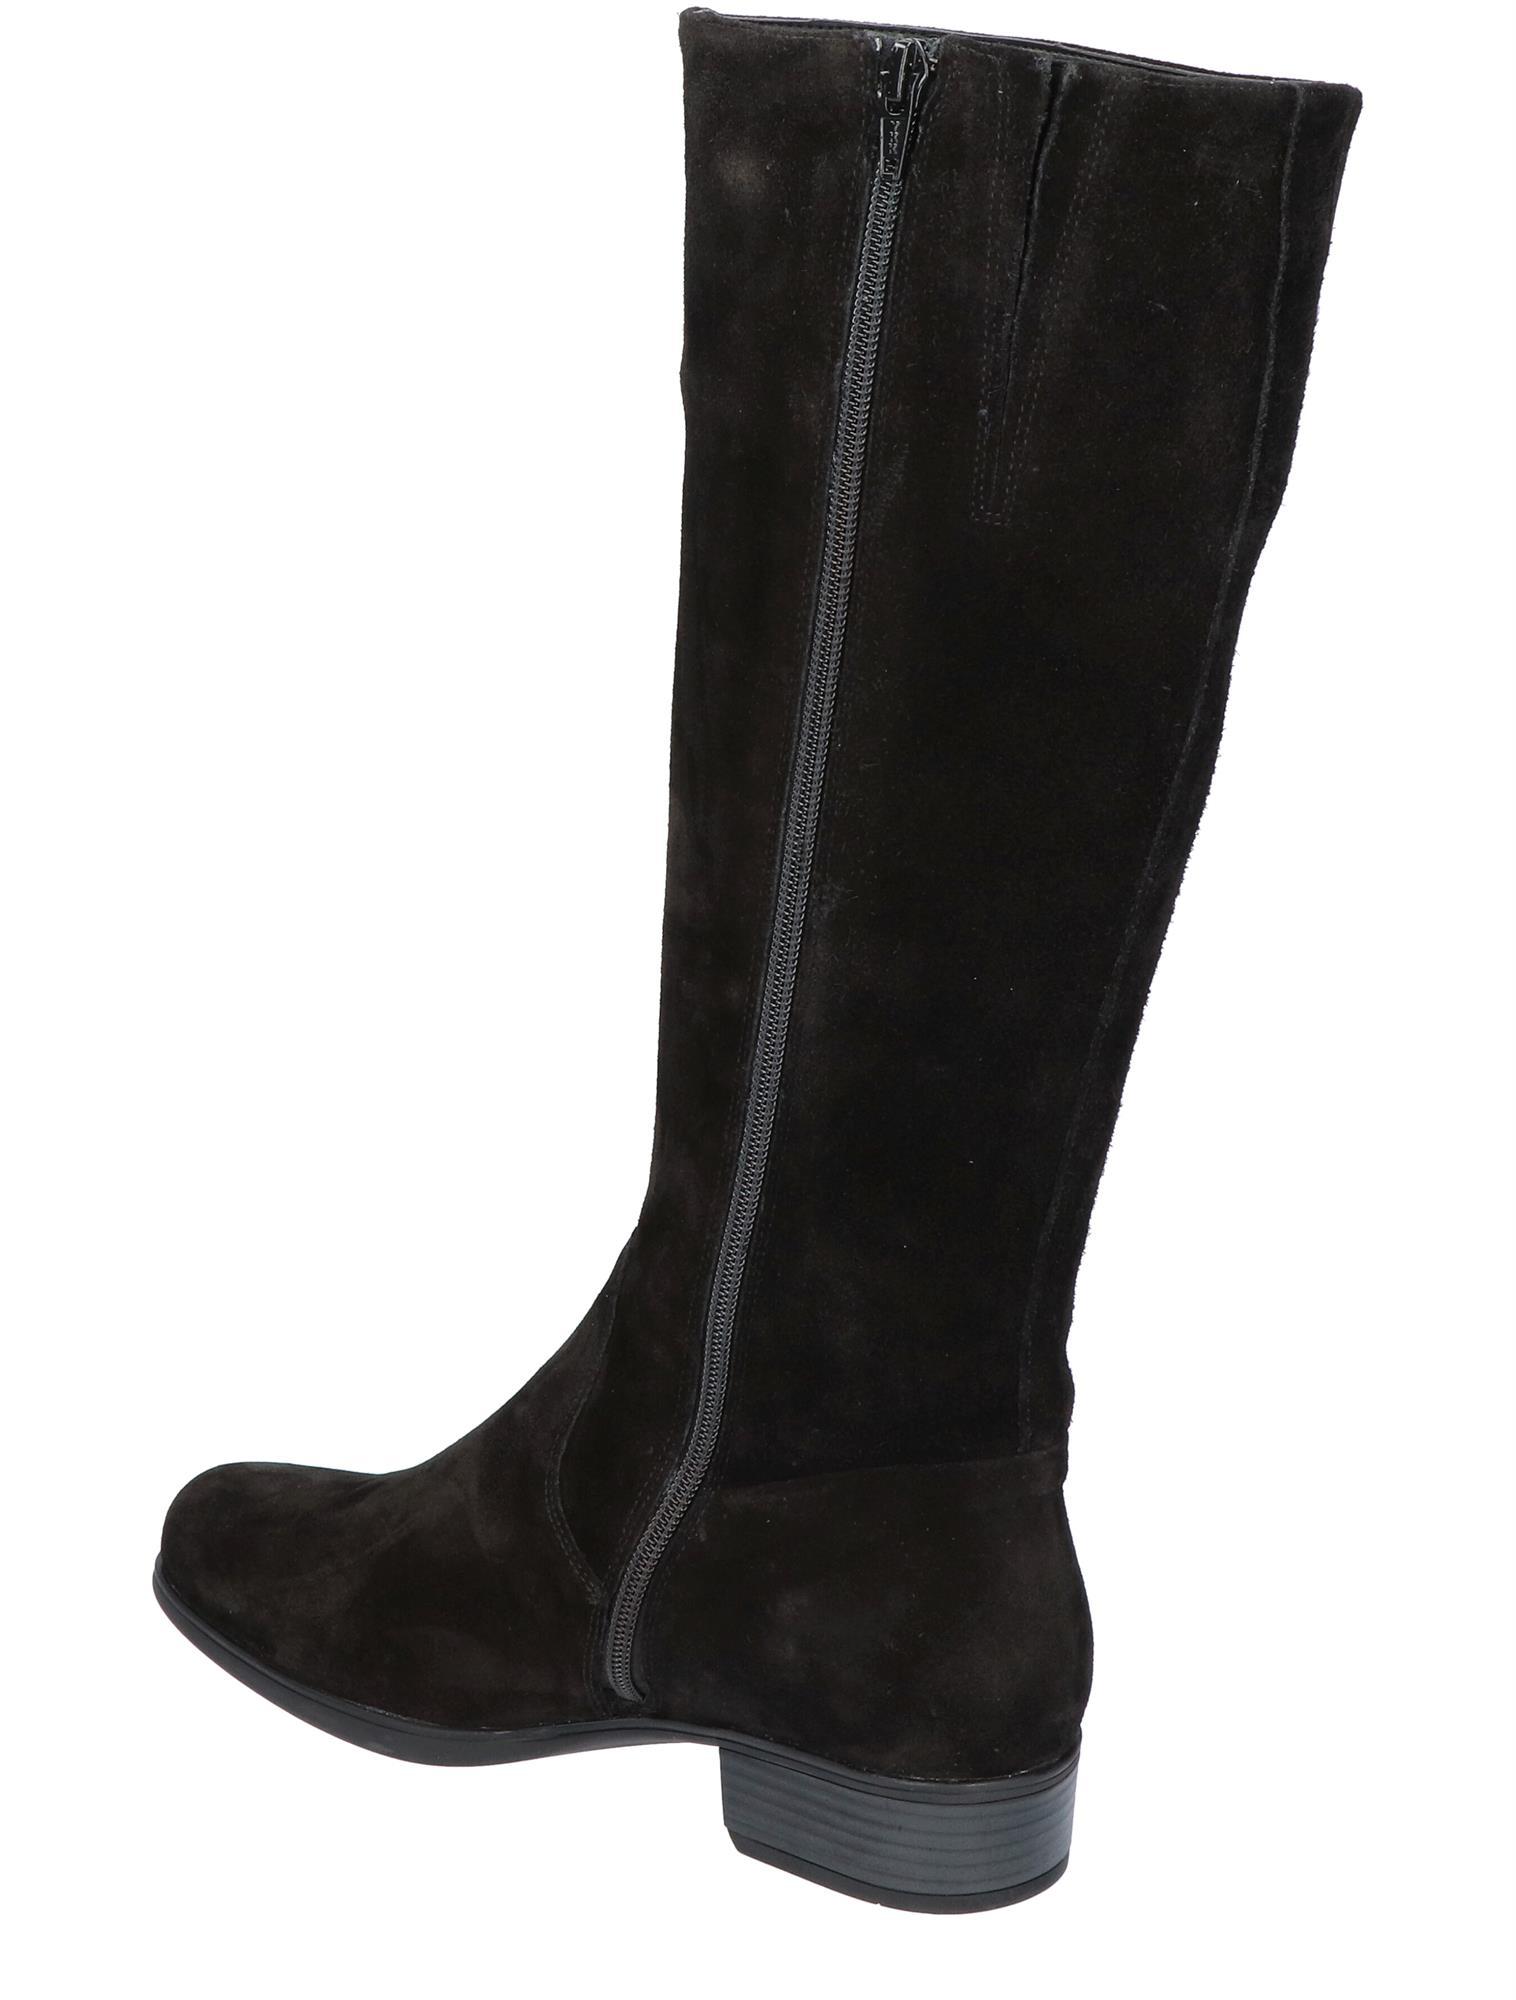 Durea 9644 975 Zwart H Wijdte Boots Nolten